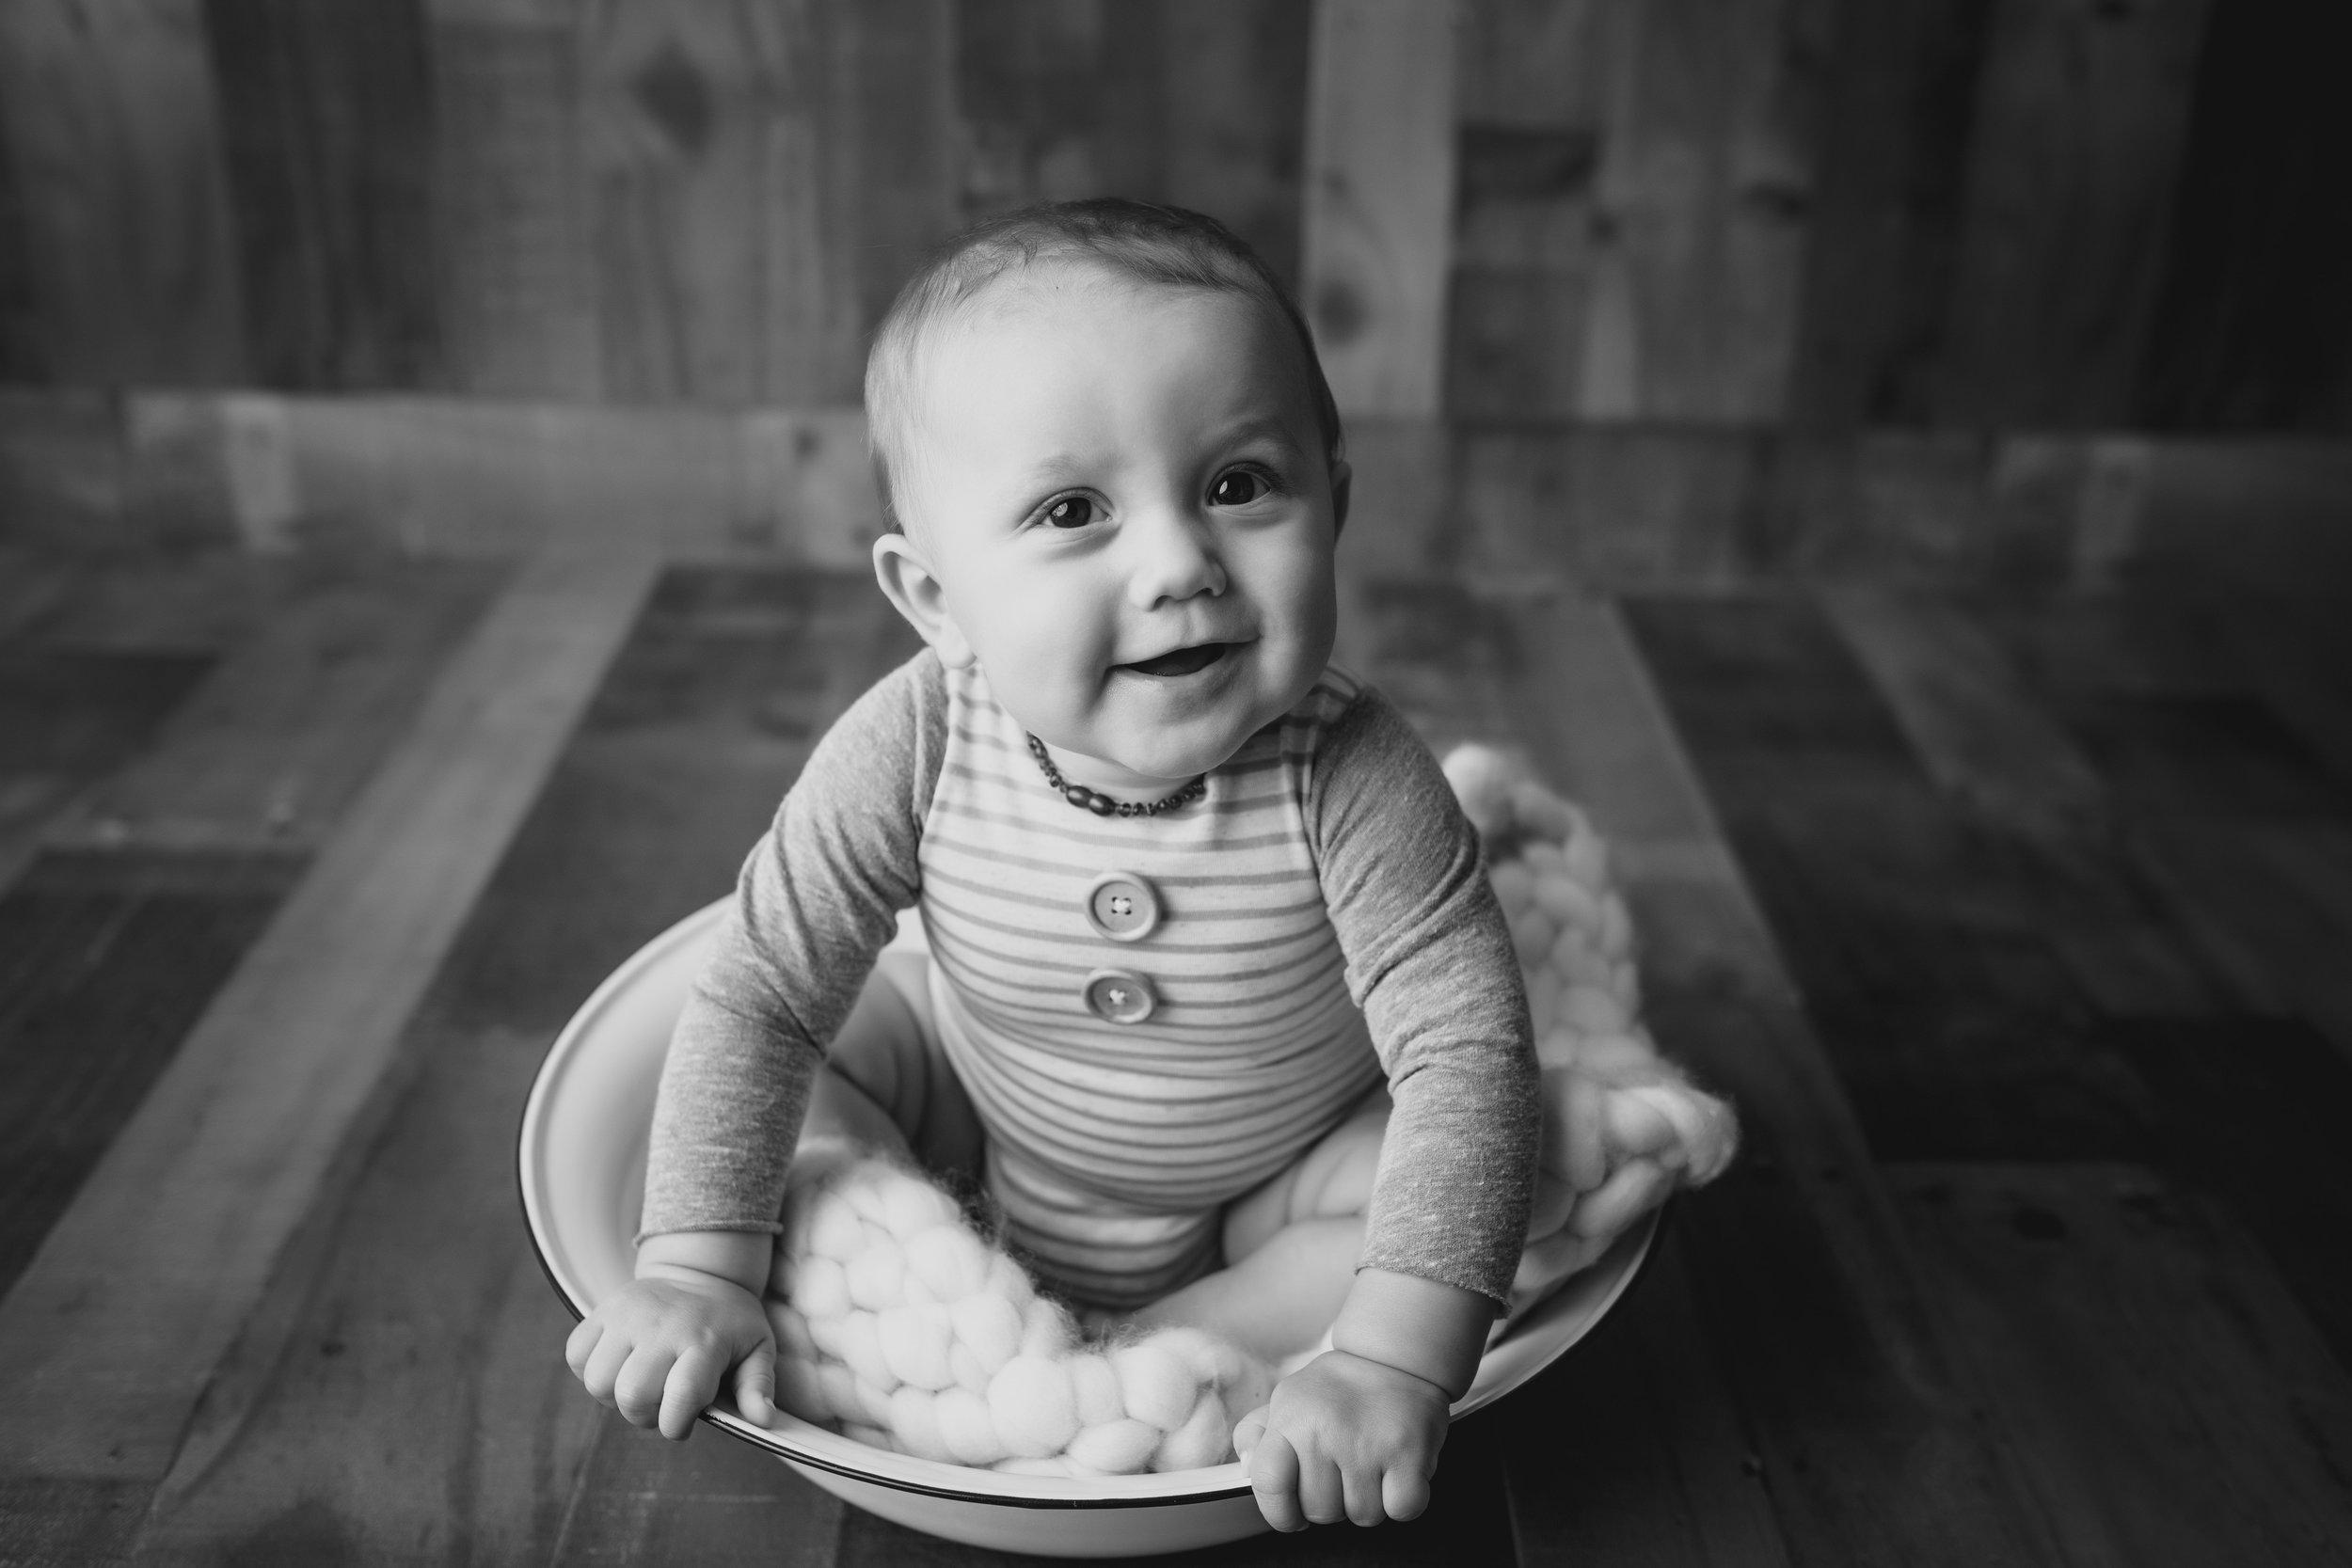 russellville-arkansas-baby-photographer.jpg